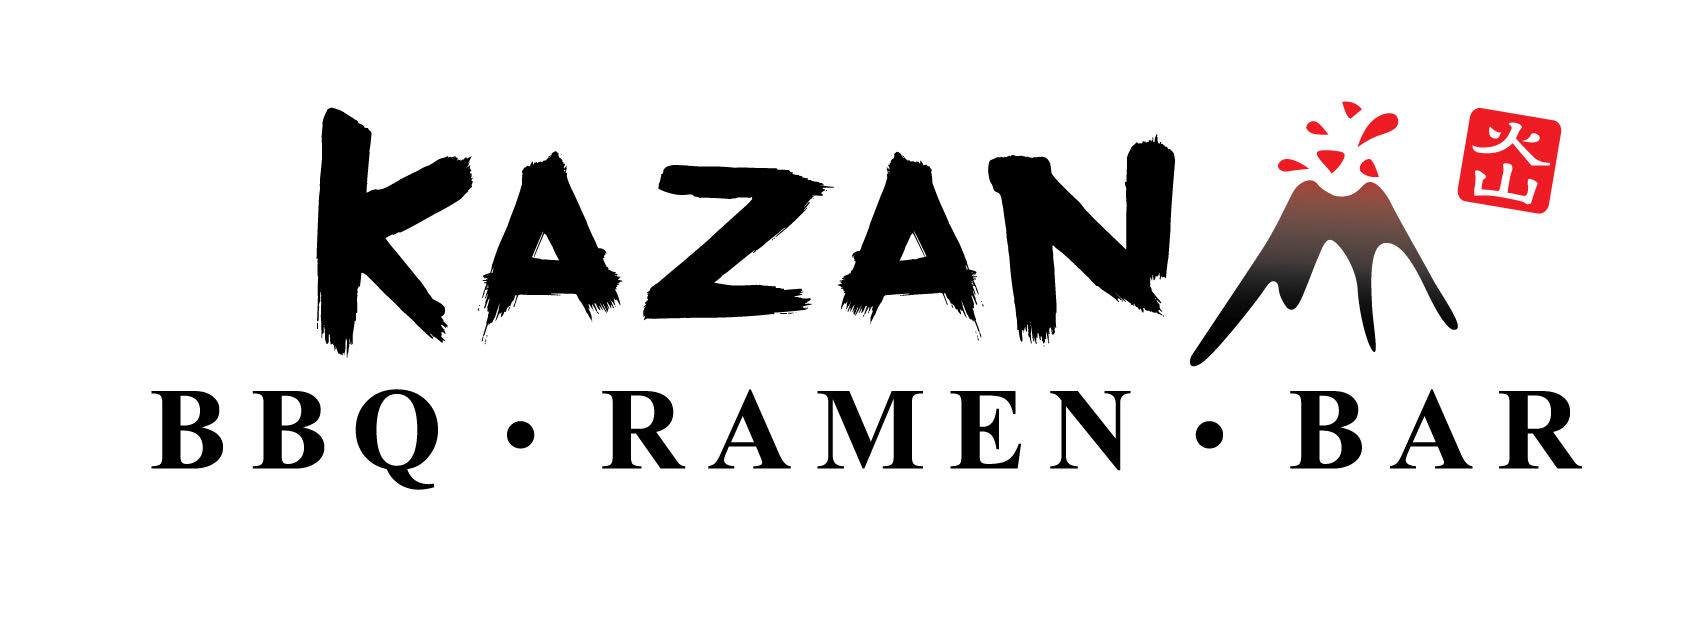 Kazan BBQ, Ramen & Bar